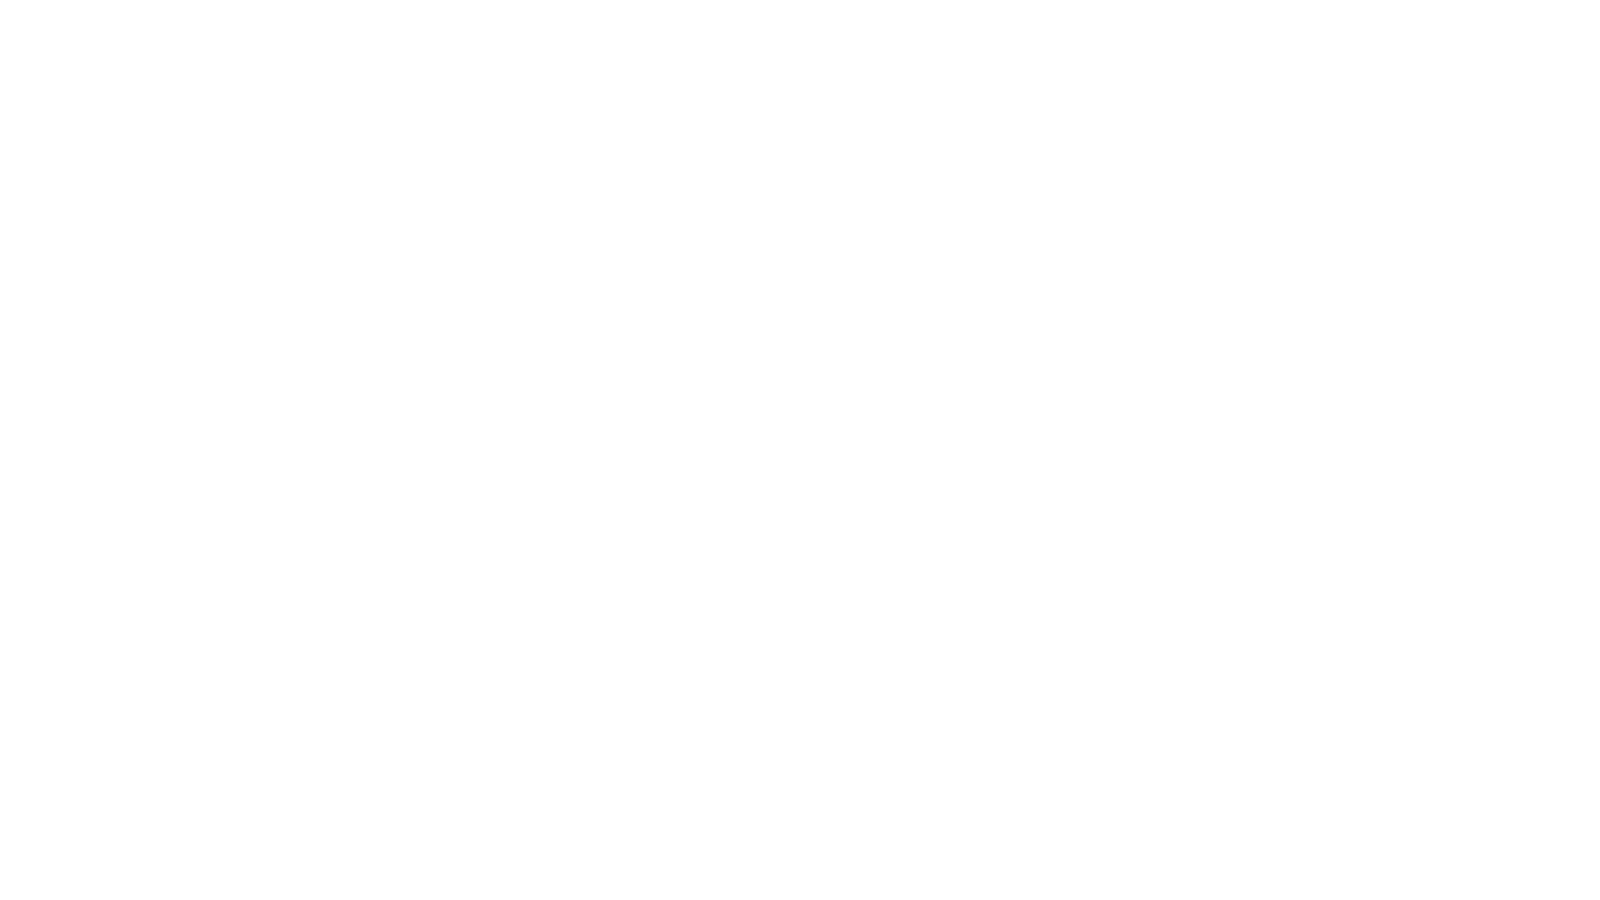 """私たち仙台けやきユニオンが不当解雇の撤回と復職などを求めて交渉中の東北互光株式会社には、ハラスメントに関する問題もありました。詳細はこちらのブログをご覧ください。 「東北互光の新たな不当労働行為。ハラスメント問題に関する音声動画も配信しました! 」  https://sendai-keyaki-u.com/2021/01/tohokugoko_futo-kaiko6/  東北互光株式会社に勤める組合員のXさんは、適応障害を発症したために1カ月の休職を申し出たところ不当解雇の被害に遭い、現在解雇撤回と復職を求めて会社と交渉中です。 そもそも、Xさんが適応障害を発症した要因は東北互光の取締役2名による様々なハラスメントでした。  ハラスメントの問題について会社側も""""全て事実""""と認めて謝罪していました。 よって、ユニオンとしても東北互光がハラスメントについて真摯に反省していると認識していたのですが、後から会社側が主張を翻す不当労働行為をしました。  ① の動画では、東北互光がハラスメントについて全て事実と認め、取締役2名が謝罪するまでのやり取りを紹介します。 ② の動画では、東北互光が主張を翻し、顧問社労士による""""不勉強でハラスメントが何か知らない""""という趣旨の問題ある発言をした場面を紹介します。  仙台けやきユニオンは、安心して働ける職場環境を実現するため、Xさんの職場復帰のため、闘いを続けていきます!  ◇仙台けやきユニオン HP: https://sendai-keyaki-u.com/  TEL:022-796-3894(平日17時~21時 土日祝13時~17時 水曜日定休) メール:sendai@sendai-keyaki-u.com(上記時間に電話できない方は、まずはメールでご一報ください)  【関連動画】 信頼関係が崩れた原因は「街宣」だと明言。東北互光株式会社の不当労働行為発言 https://www.youtube.com/watch?v=o9nLHb6xIas&t=98s   """"1ヵ月で復職できる""""という診断は「お医者さんがそう言っているだけ」。病気休職した社員を復職させず解雇した理由が不当すぎる!「東北互光株式会社」 https://youtu.be/MQk4F9aifGI     ※事案の詳細については、過去の記事をご覧ください。  【事案についてのブログ記事】  病気で1カ月休職を申し出たのに3週間後には解雇された!ビルメン管理の東北互光株式会社に団体交渉を申し入れました! https://sendai-keyaki-u.com/2020/08/tohokugoko_futo-kaiko/   """"1カ月で復職できる""""という診断は「お医者さんがそう言っているだけ」!?団体交渉で解雇の不当性は明らかになりました!(東北互光株式会社) https://sendai-keyaki-u.com/2020/09/tohokugoko_futo-kaiko2/   復職させない根拠が不当すぎる!東北互光株式会社は直ちに解雇の不当性を認め、Xさんを復職させてください! https://sendai-keyaki-u.com/2020/10/tohokugoko_futo-kaiko3/   東北互光株式会社は根拠のない復職拒否をやめてください!労働組合活動を理由に復職を認めないのは不当労働行為です! https://sendai-keyaki-u.com/2020/11/tohokugoko_futo-kaiko4/"""